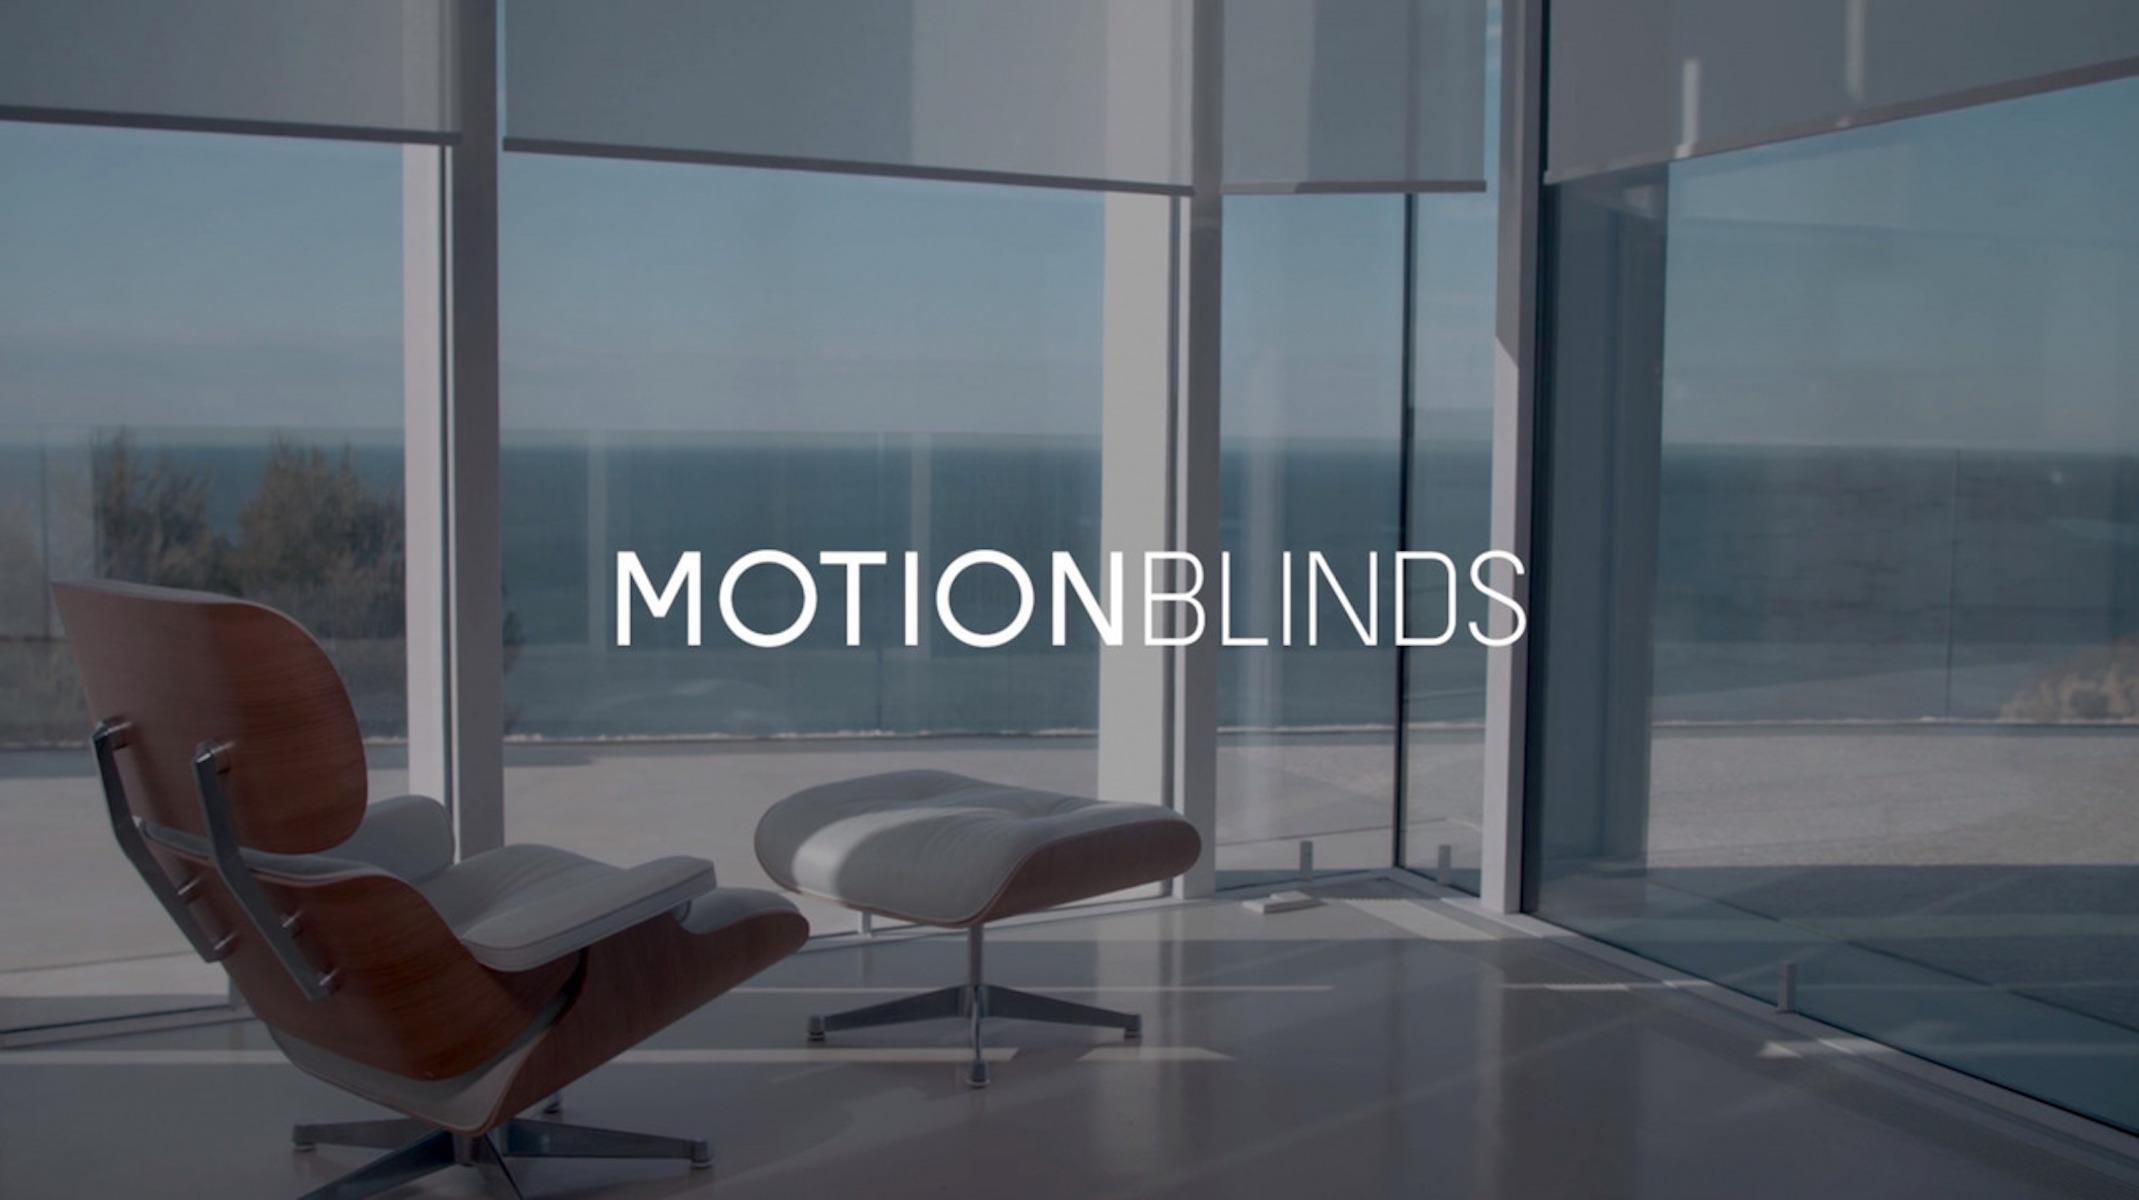 HomeKit-compatible smart window blinds